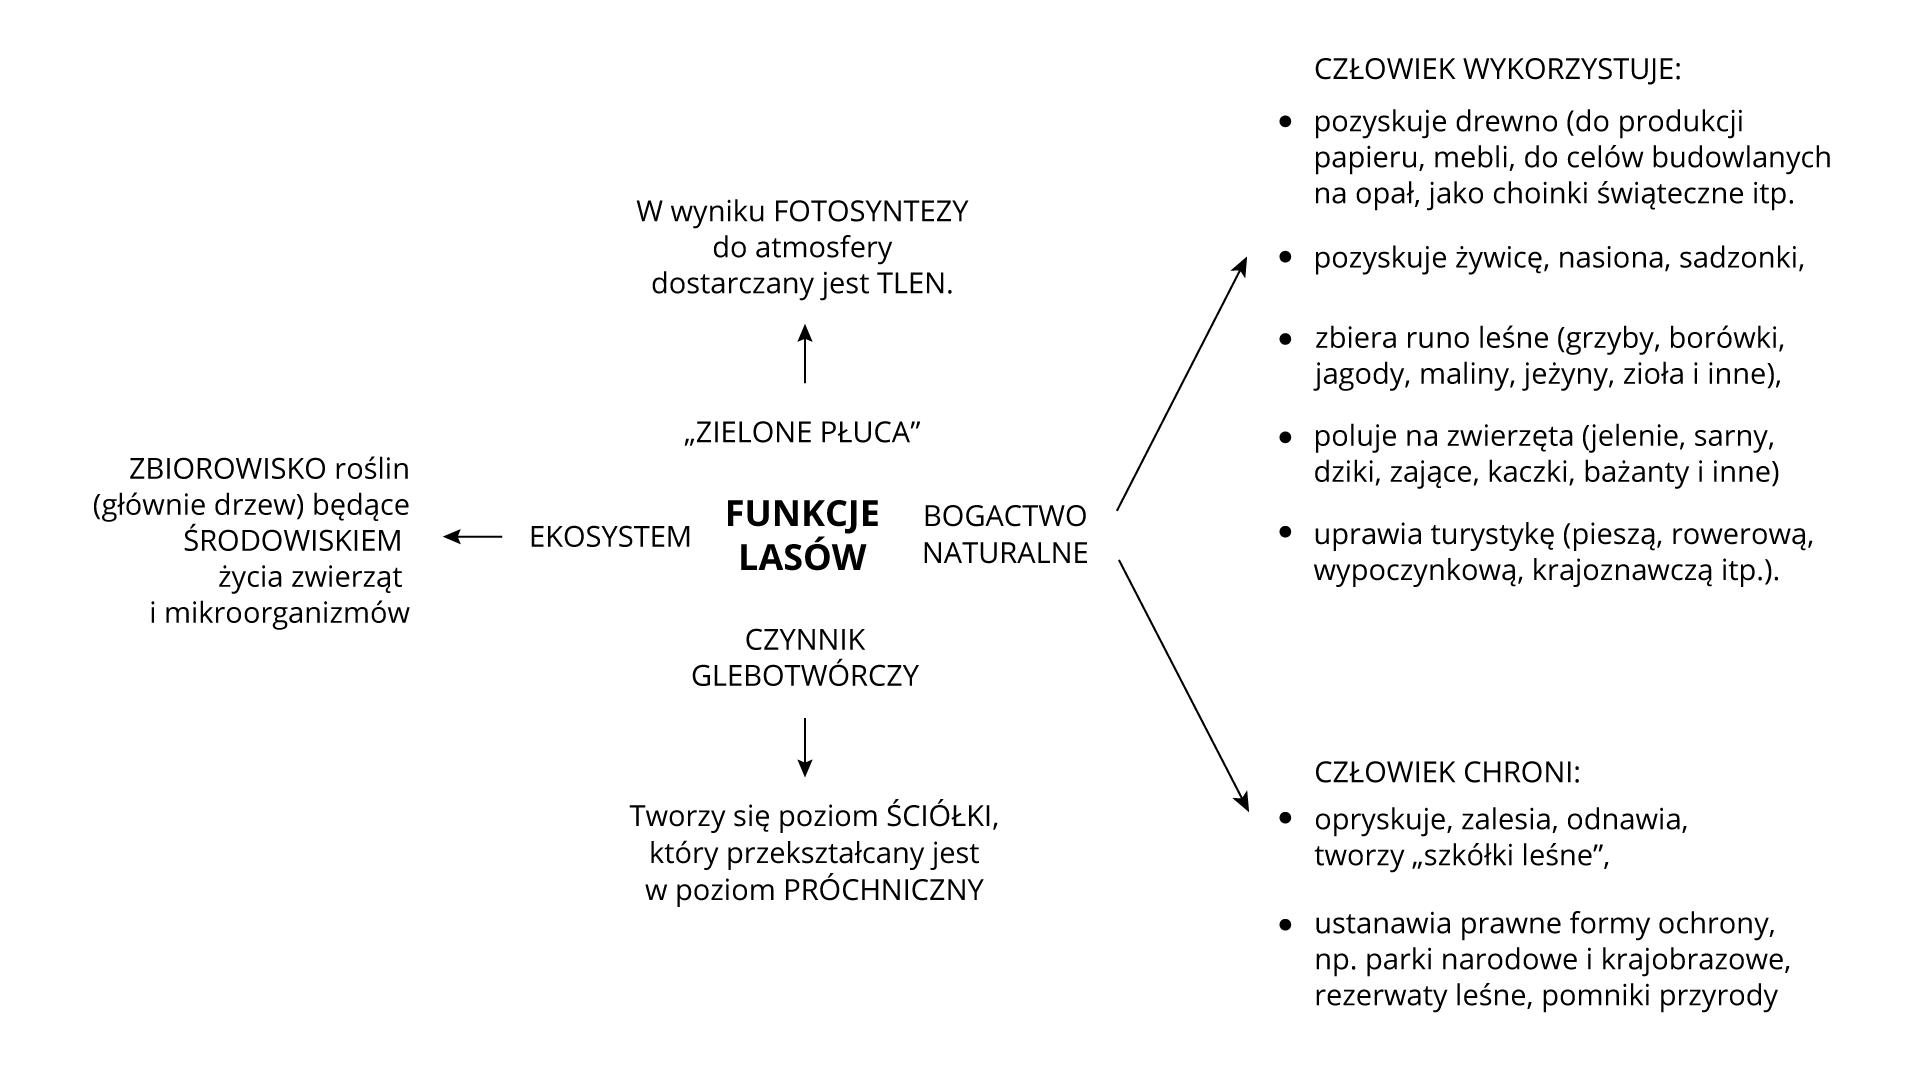 """Na ilustracji schemat przedstawiający funkcje lasów. 1.Ekosystem: zbiorowisko roślin, głównie drzew, będące środowiskiem życia zwierząt imikroorganizmów.2.""""zielone płuca"""": wwyniku fotosyntezy do atmosfery dostarczany jest tlen.3.Czynnik glebotwórczy: tworzy się poziom ściółki, który przekształcany jest wpoziom próchniczny.4.Bogactwo naturalne: Człowiek wykorzystuje – drewno, żywicę, nasiona, sadzonki, zbiera runo leśne, poluje na zwierzęta, uprawia turystykę; człowiek chroni – opryskuje, zalesia, odnawia, tworzy szkółki leśne, ustanawia prawne formy ochrony."""